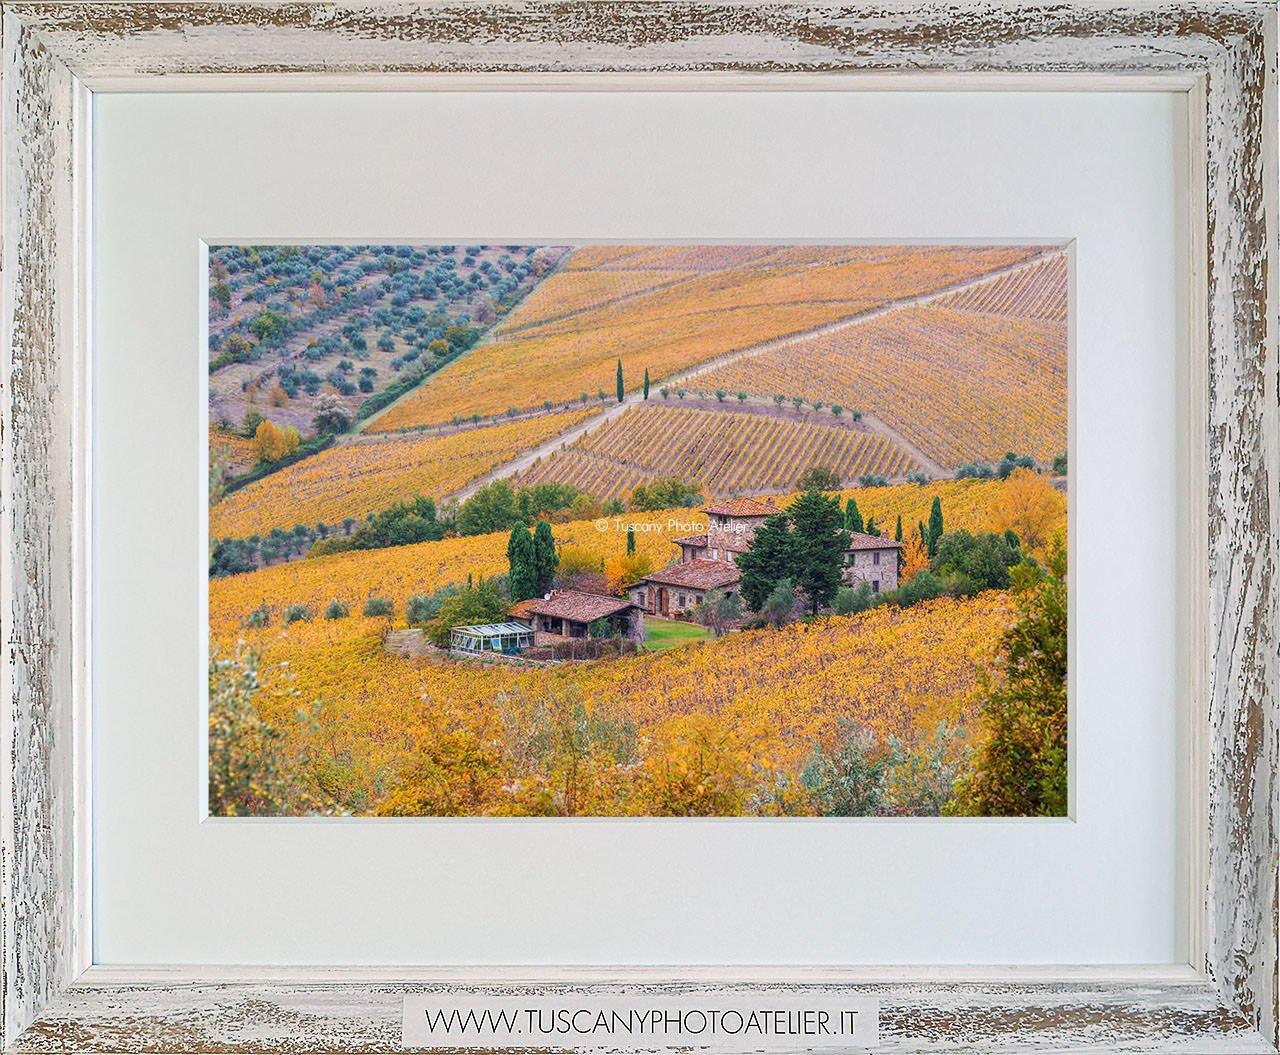 Stampa Fine Art paesaggio della Toscana - Chianti